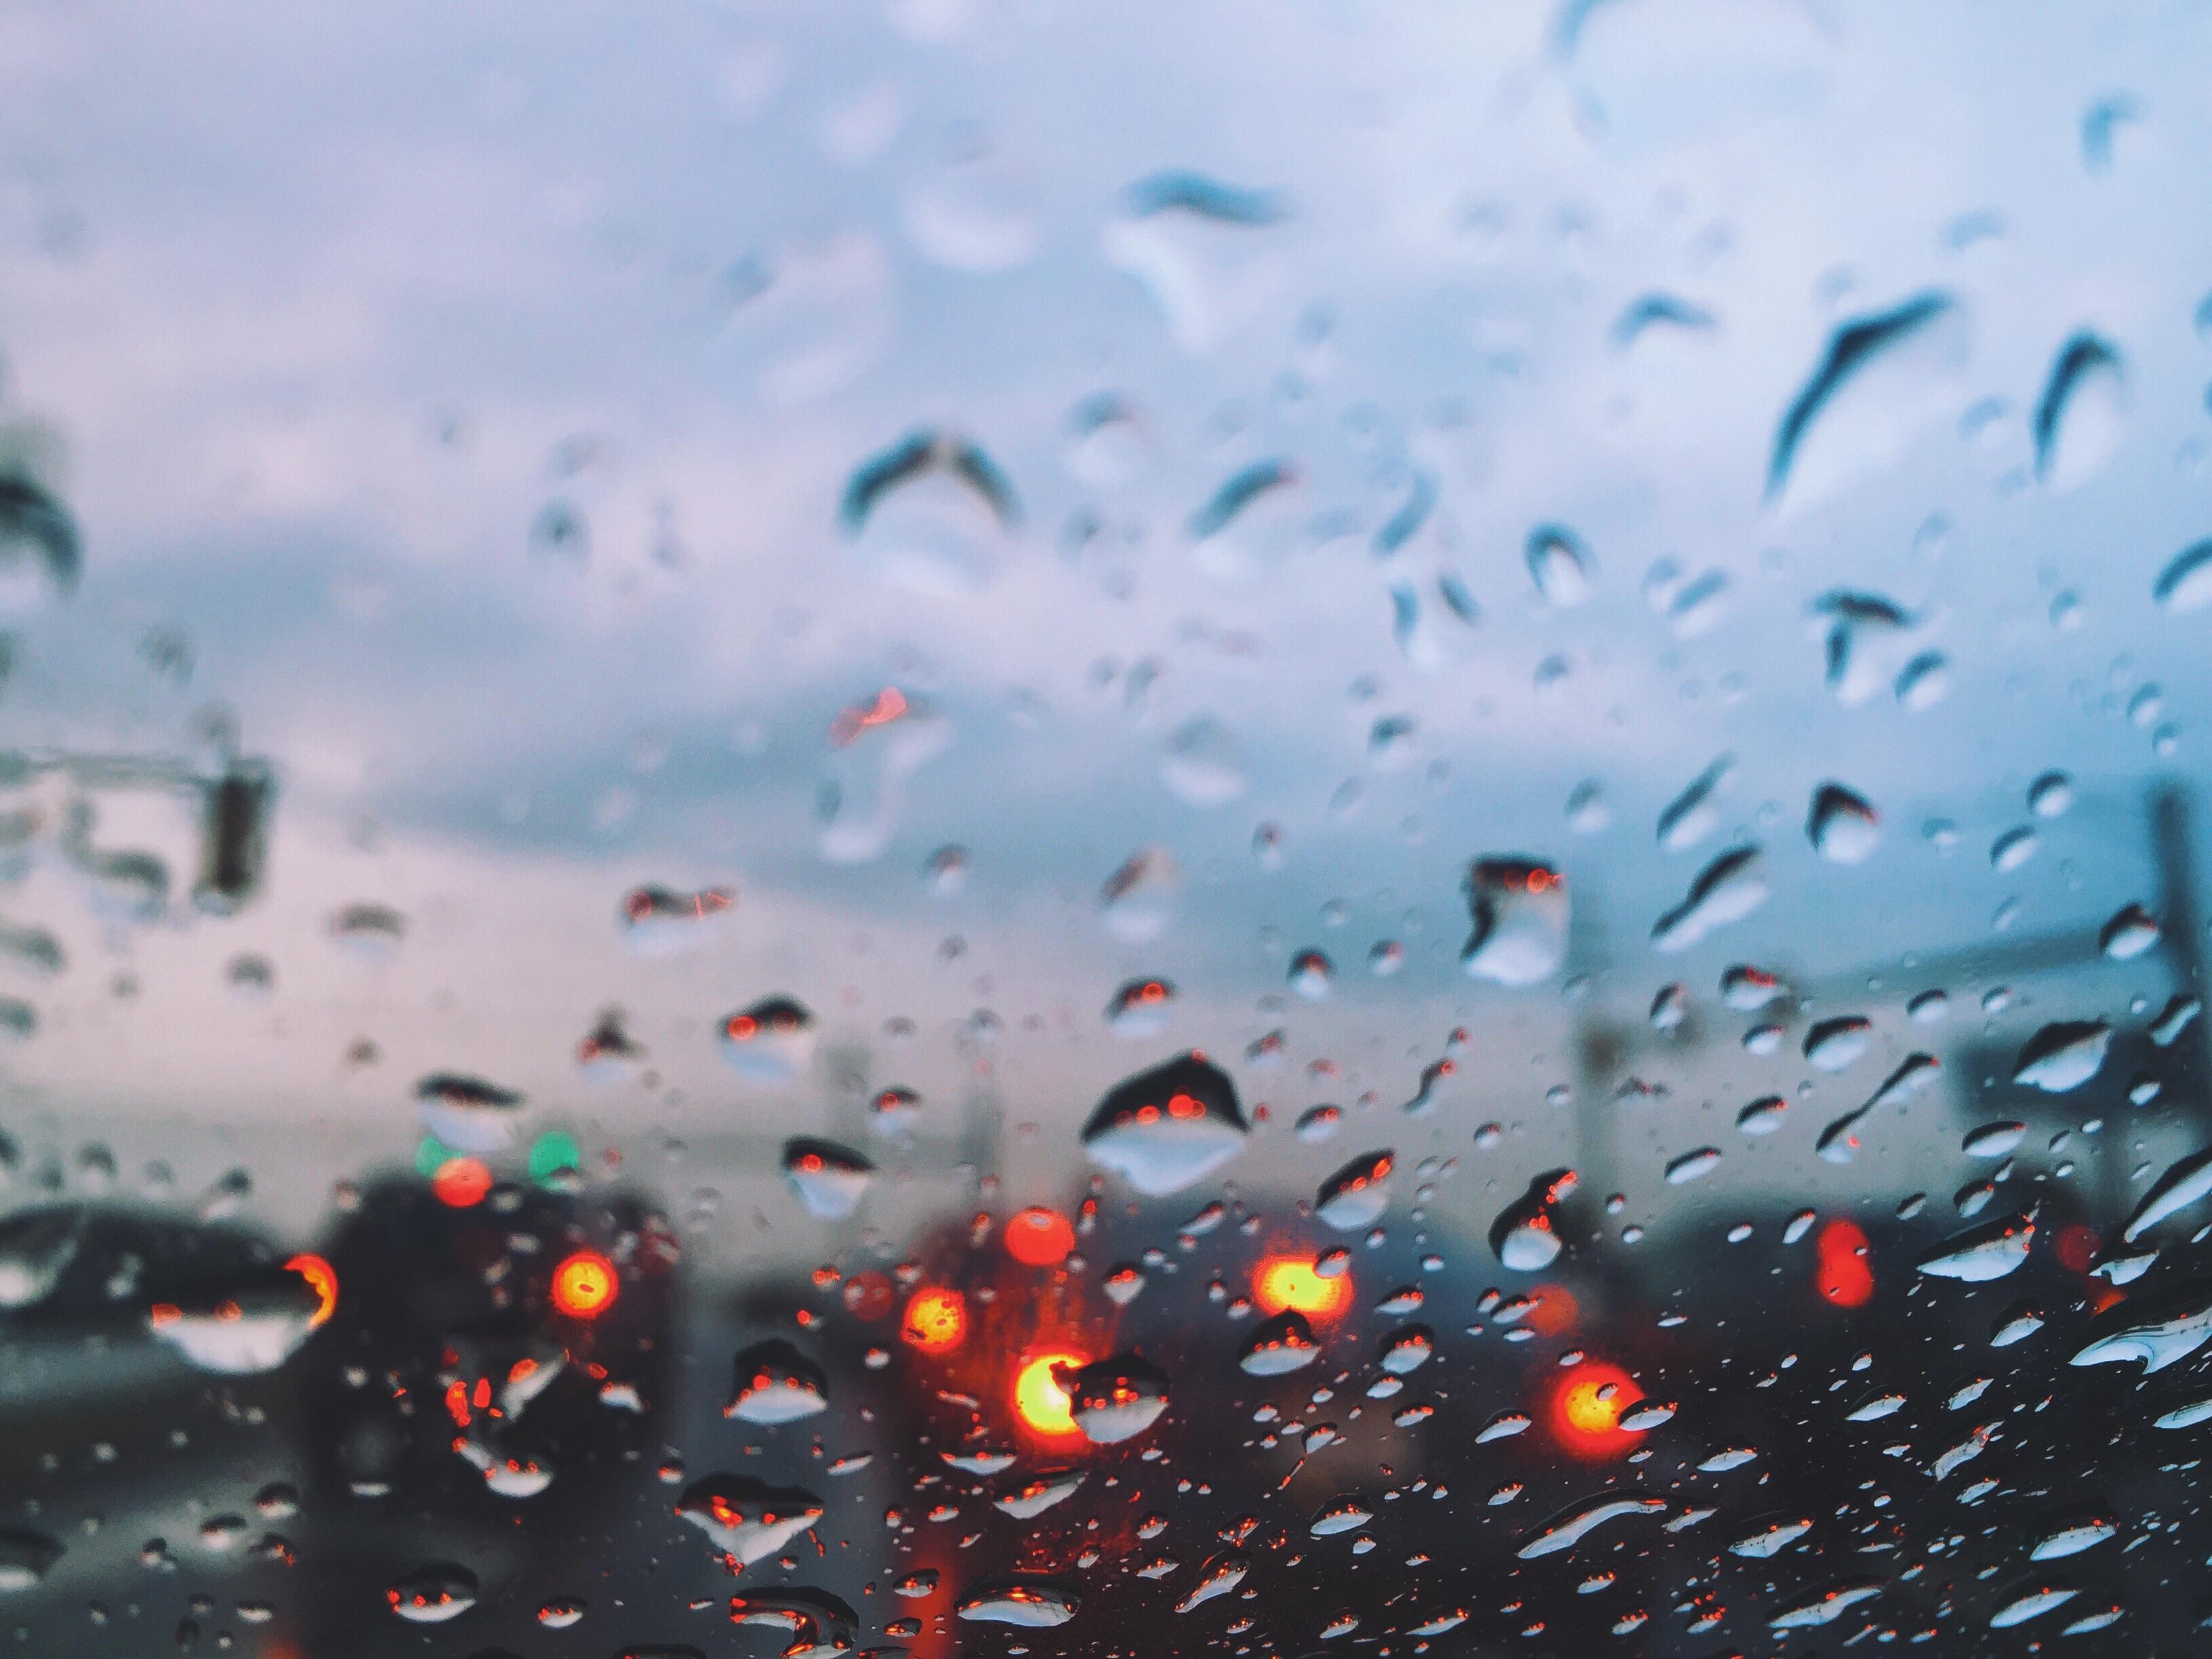 Завтра дождь картинки